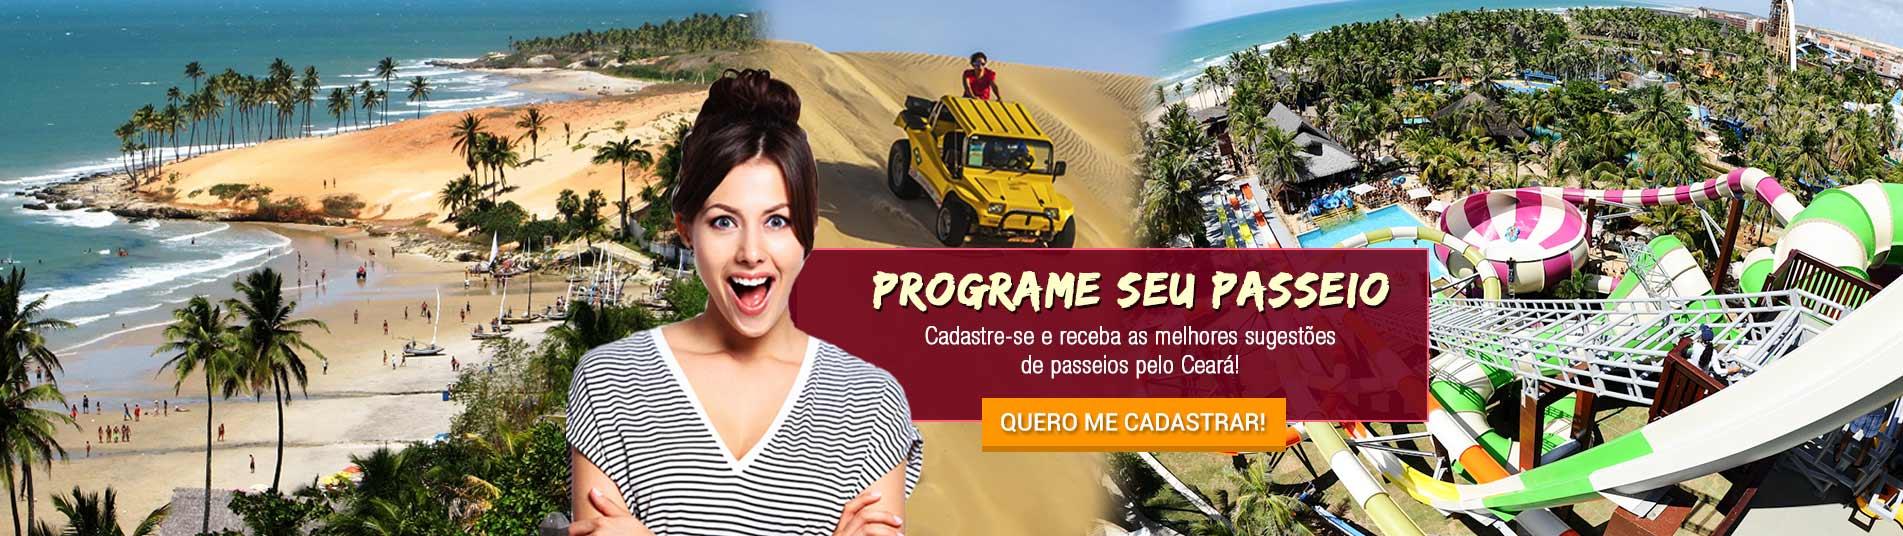 naja-turismo-banner-programe-passeios-3